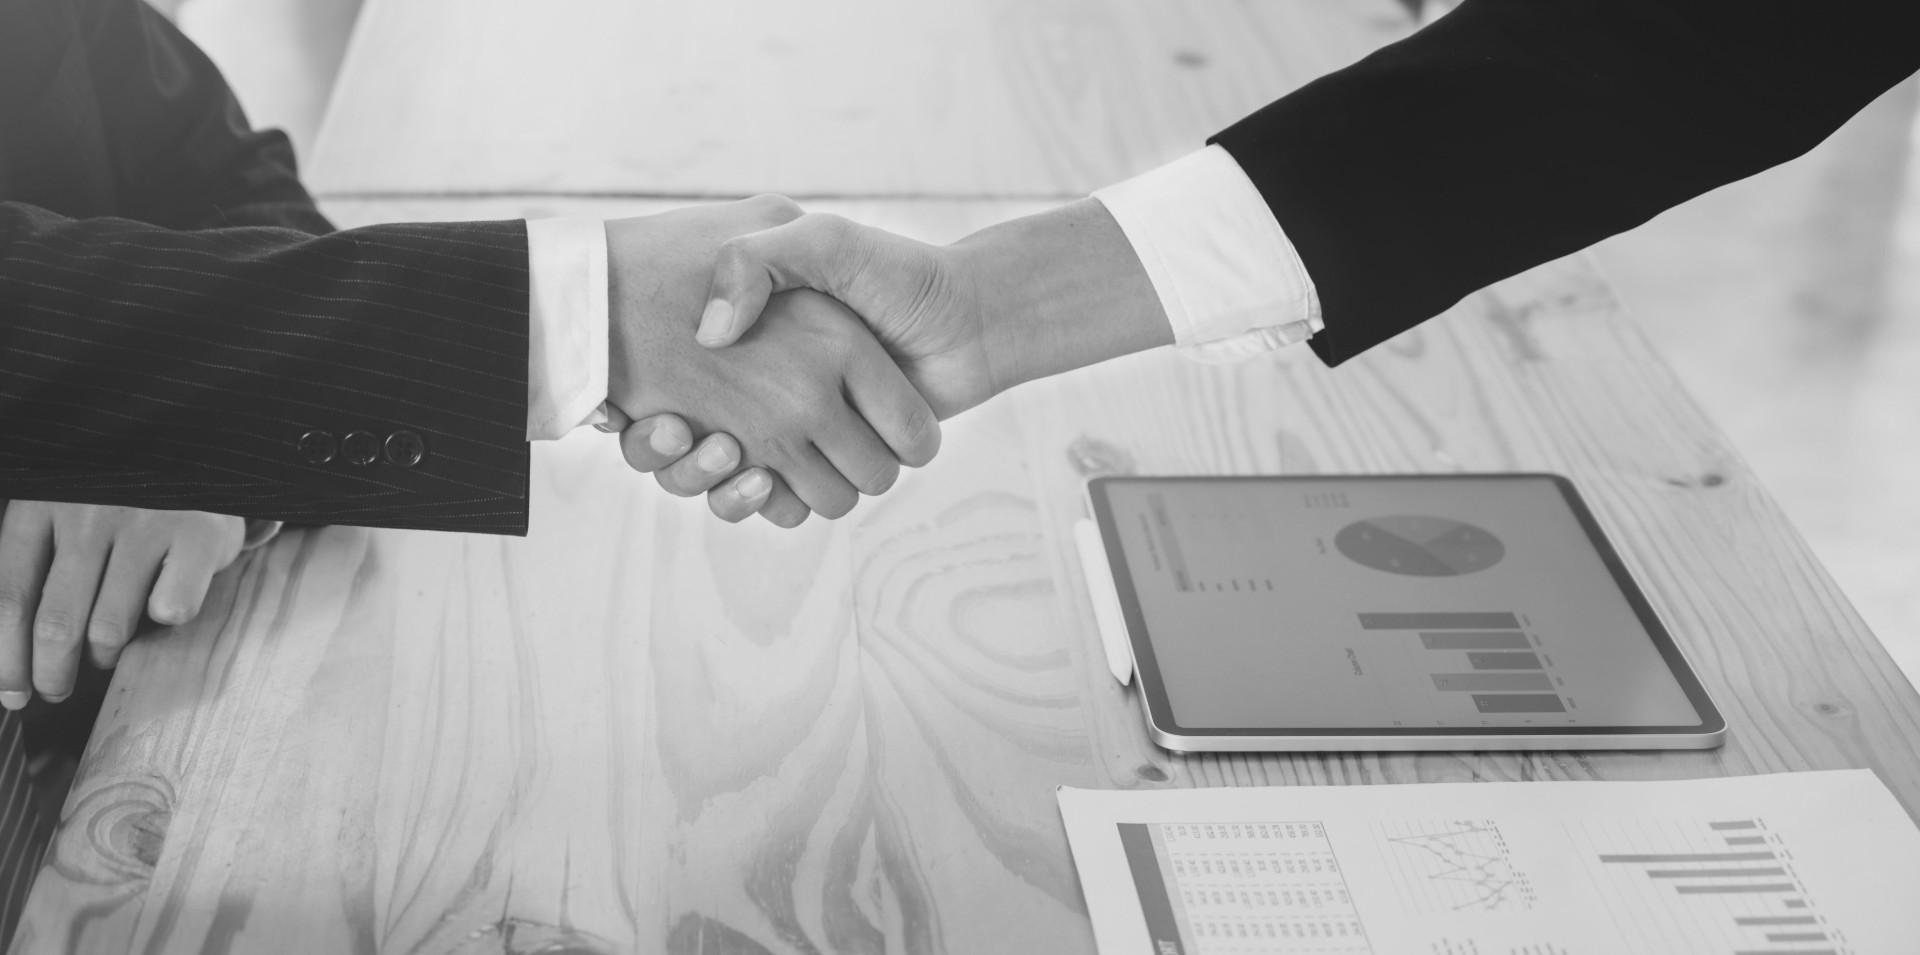 Nõustasime FitSphere'i seoses varajase faasi investeeringute kaasamisega erinevatelt investoritelt